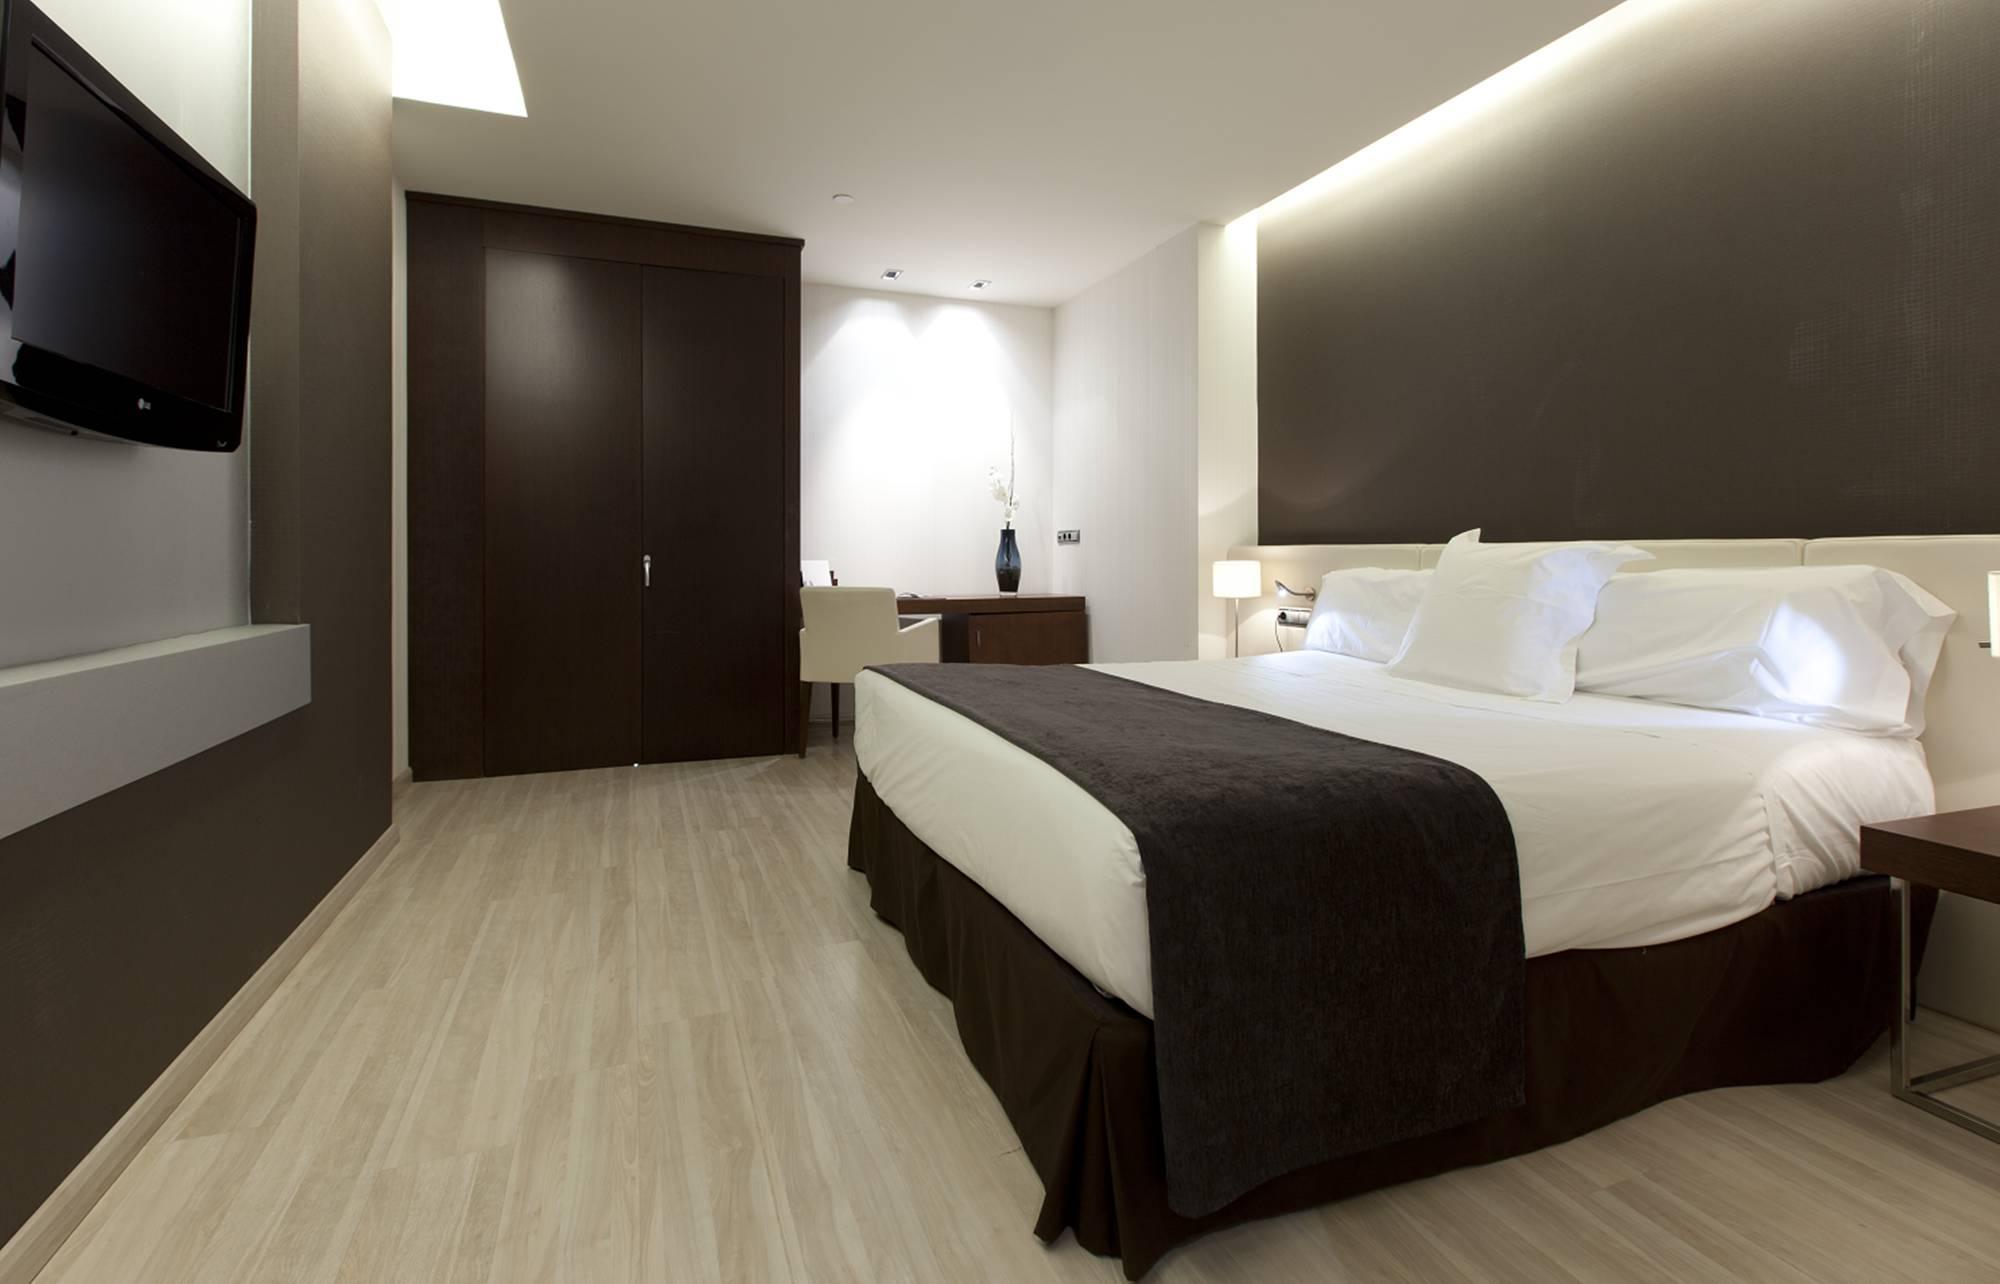 Fotos del hotel - SANTOS DIAGONAL PLAZA